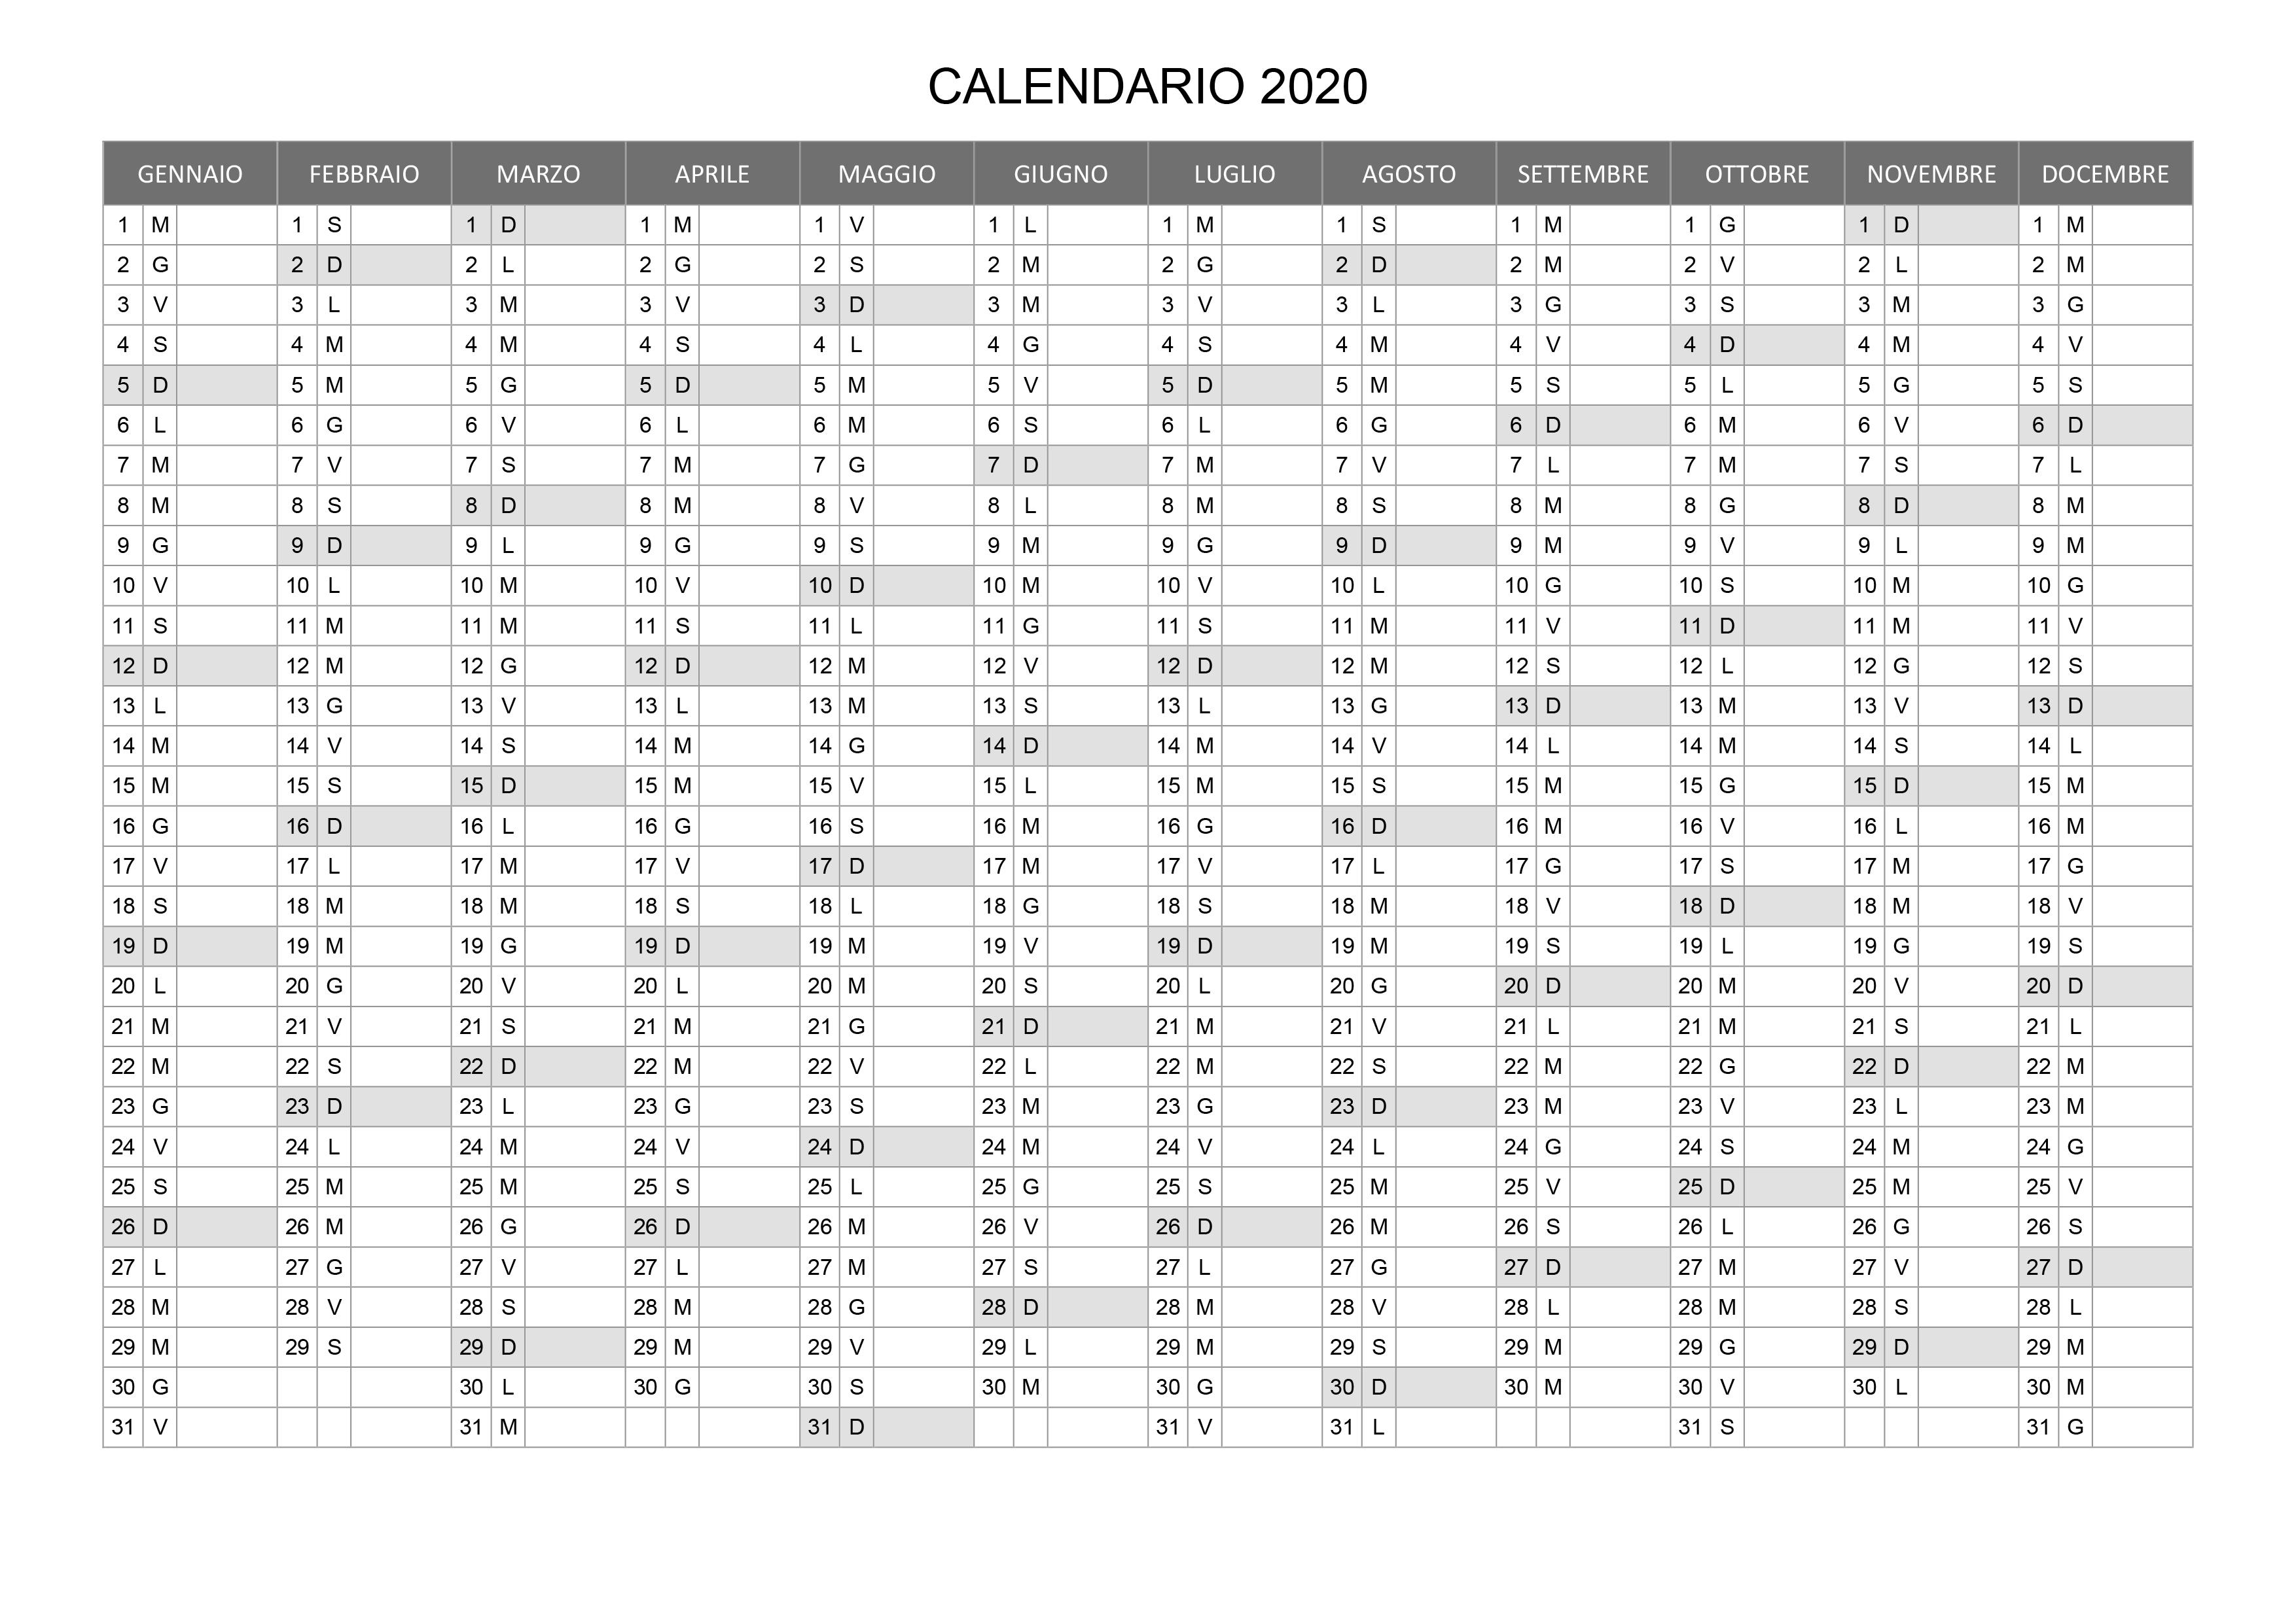 Calendario 2020 Mensile Da Stampare Gratis.Calendario 2020 Annuale Calendario Su